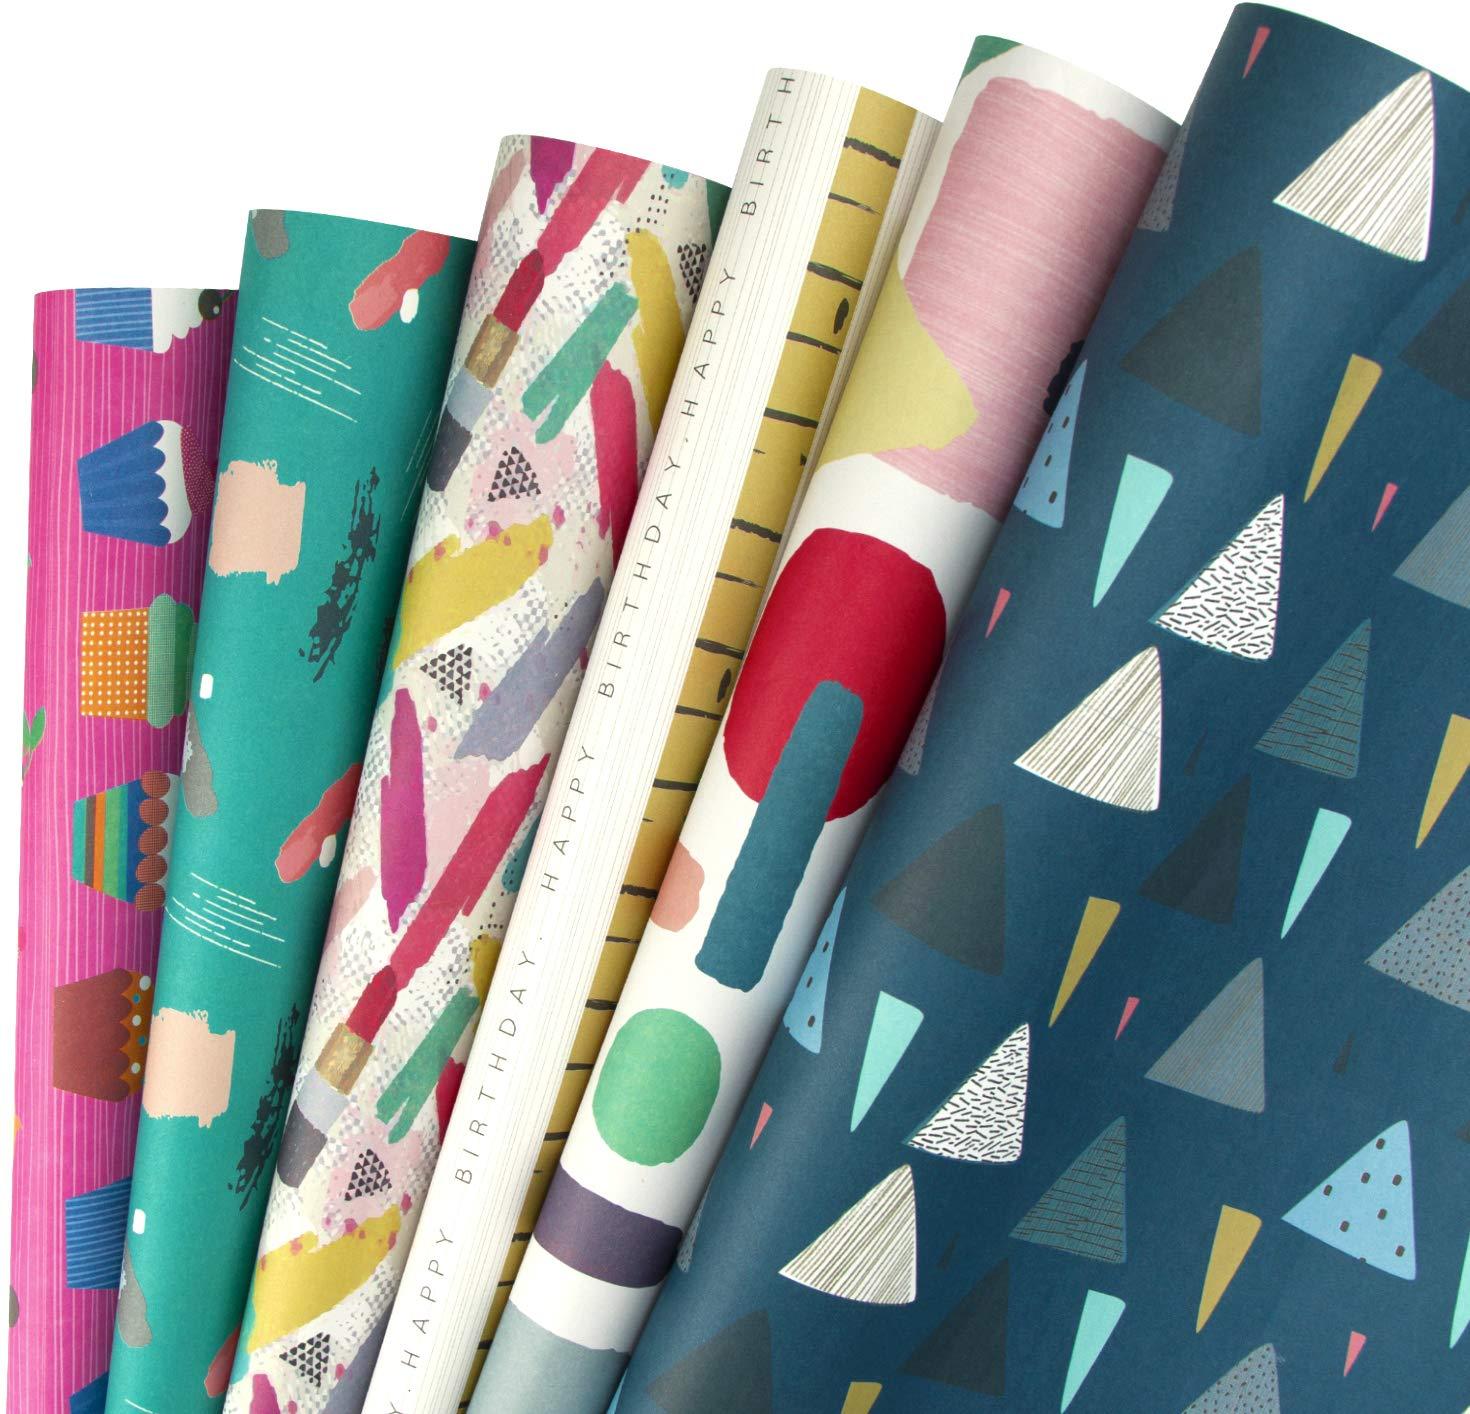 Menorahs Candele Chanukah Design La Stella Di David RUSPEPA Hanukkah Gift Wrapping Paper Sheet 44,5 X 76CM Per Foglio 1 Rotolo Contiene 8 Fogli